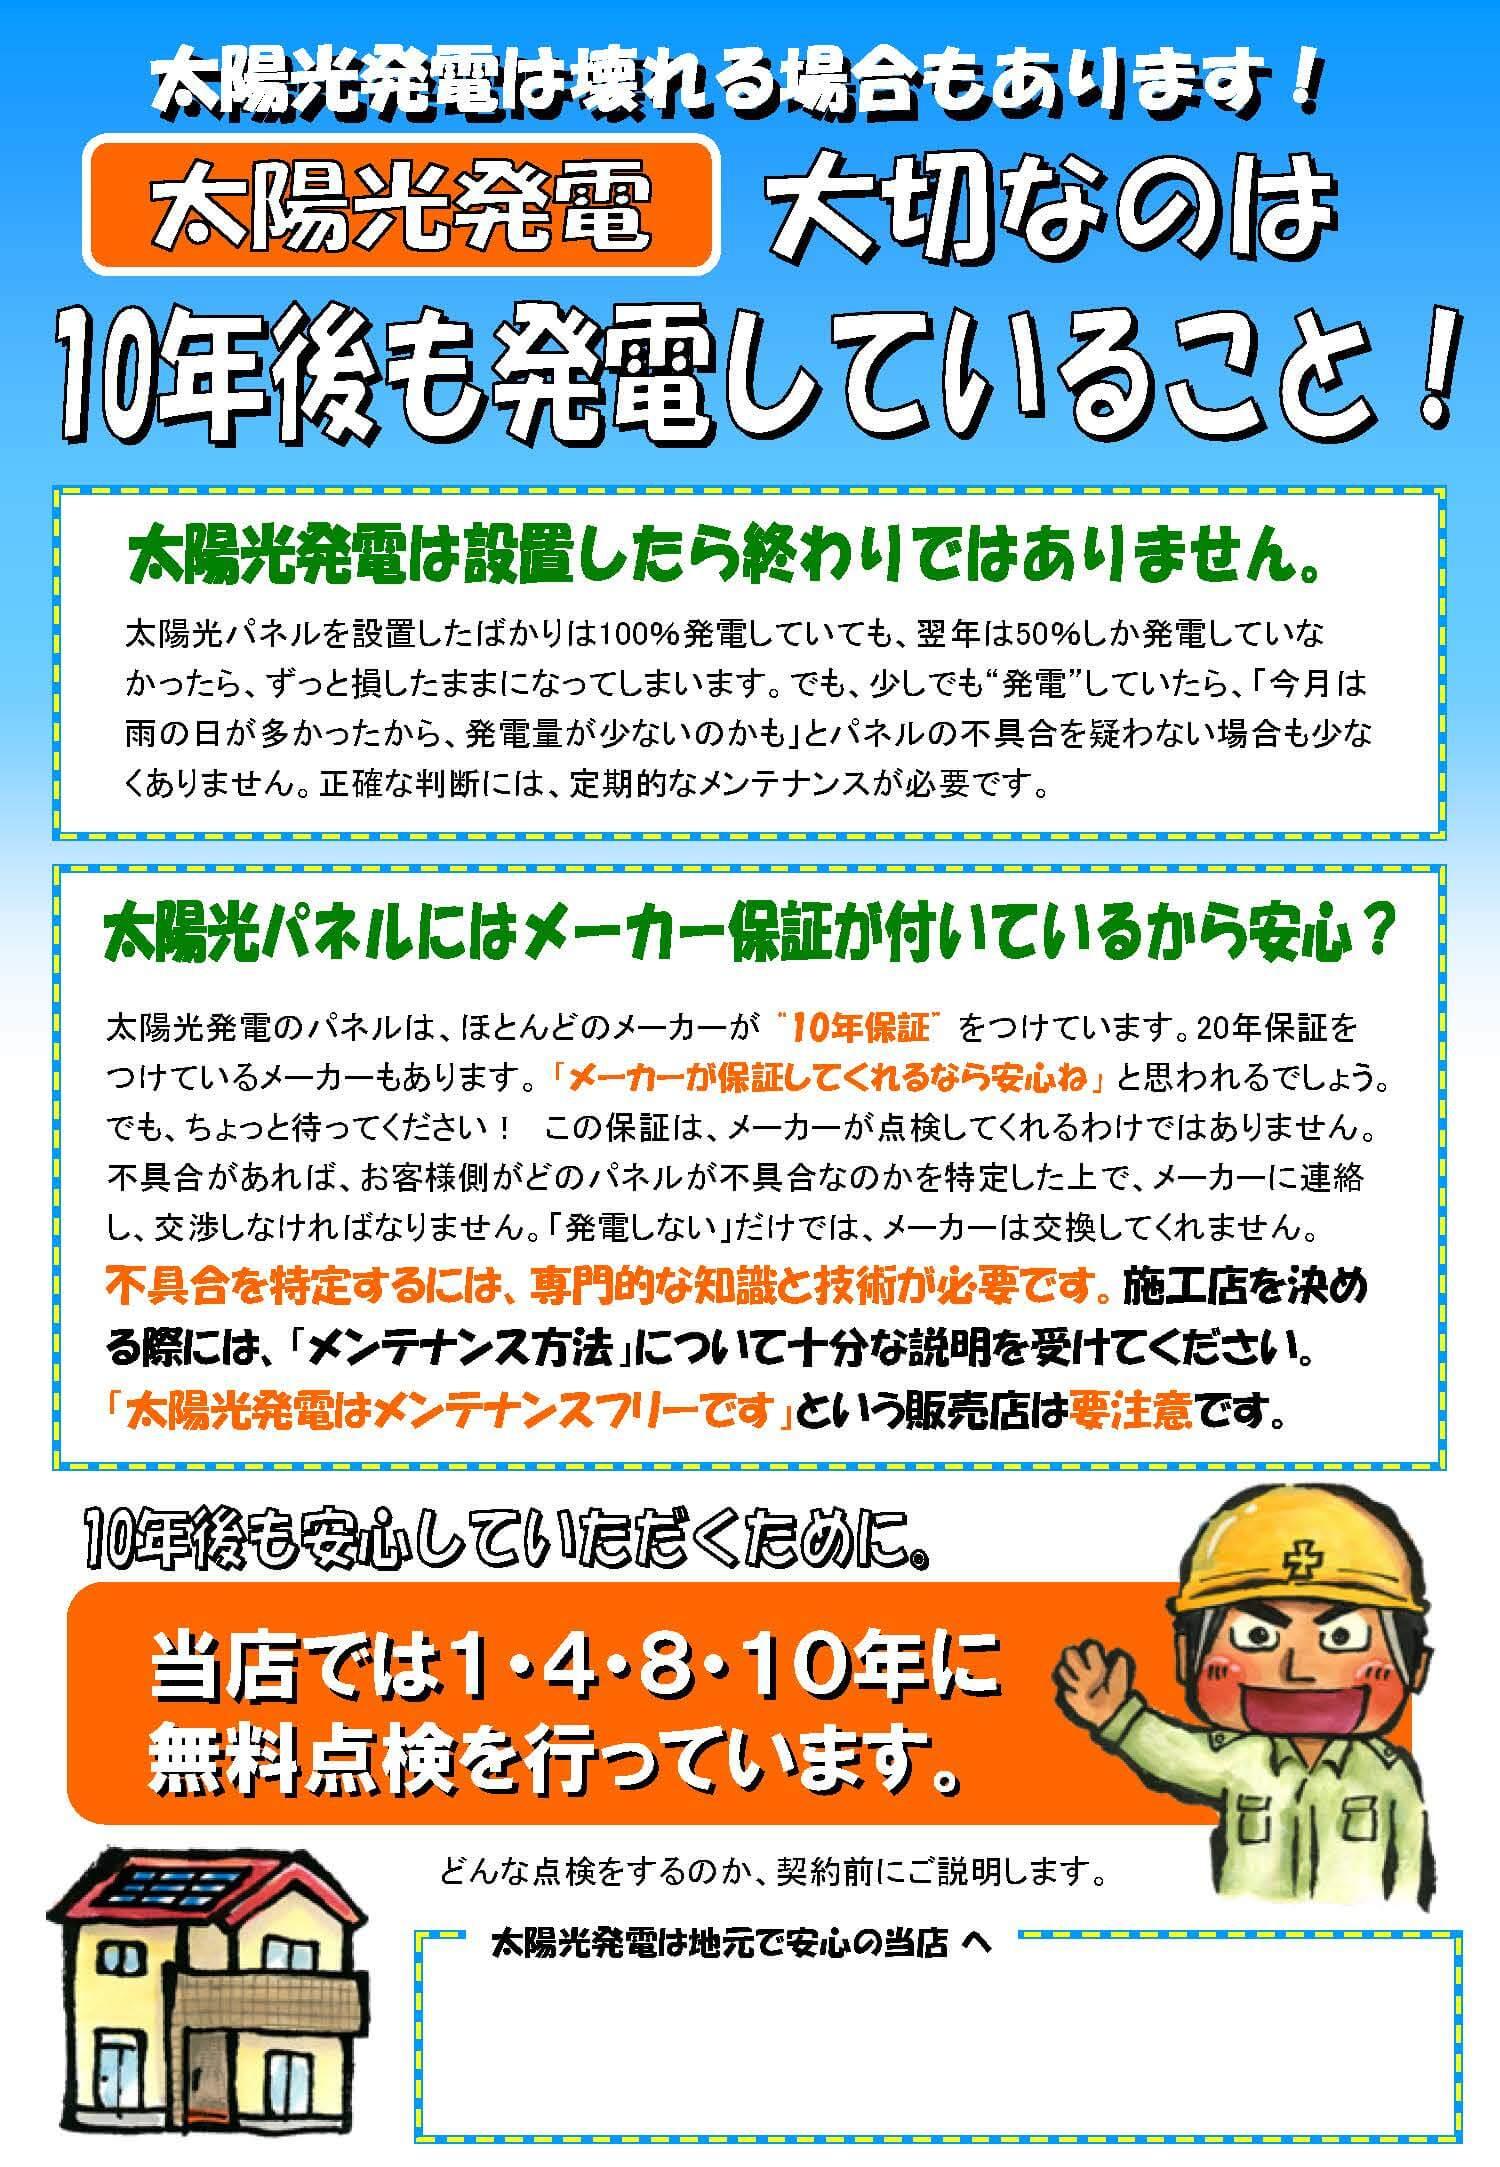 太陽光発電チラシ【7パターン紹介】